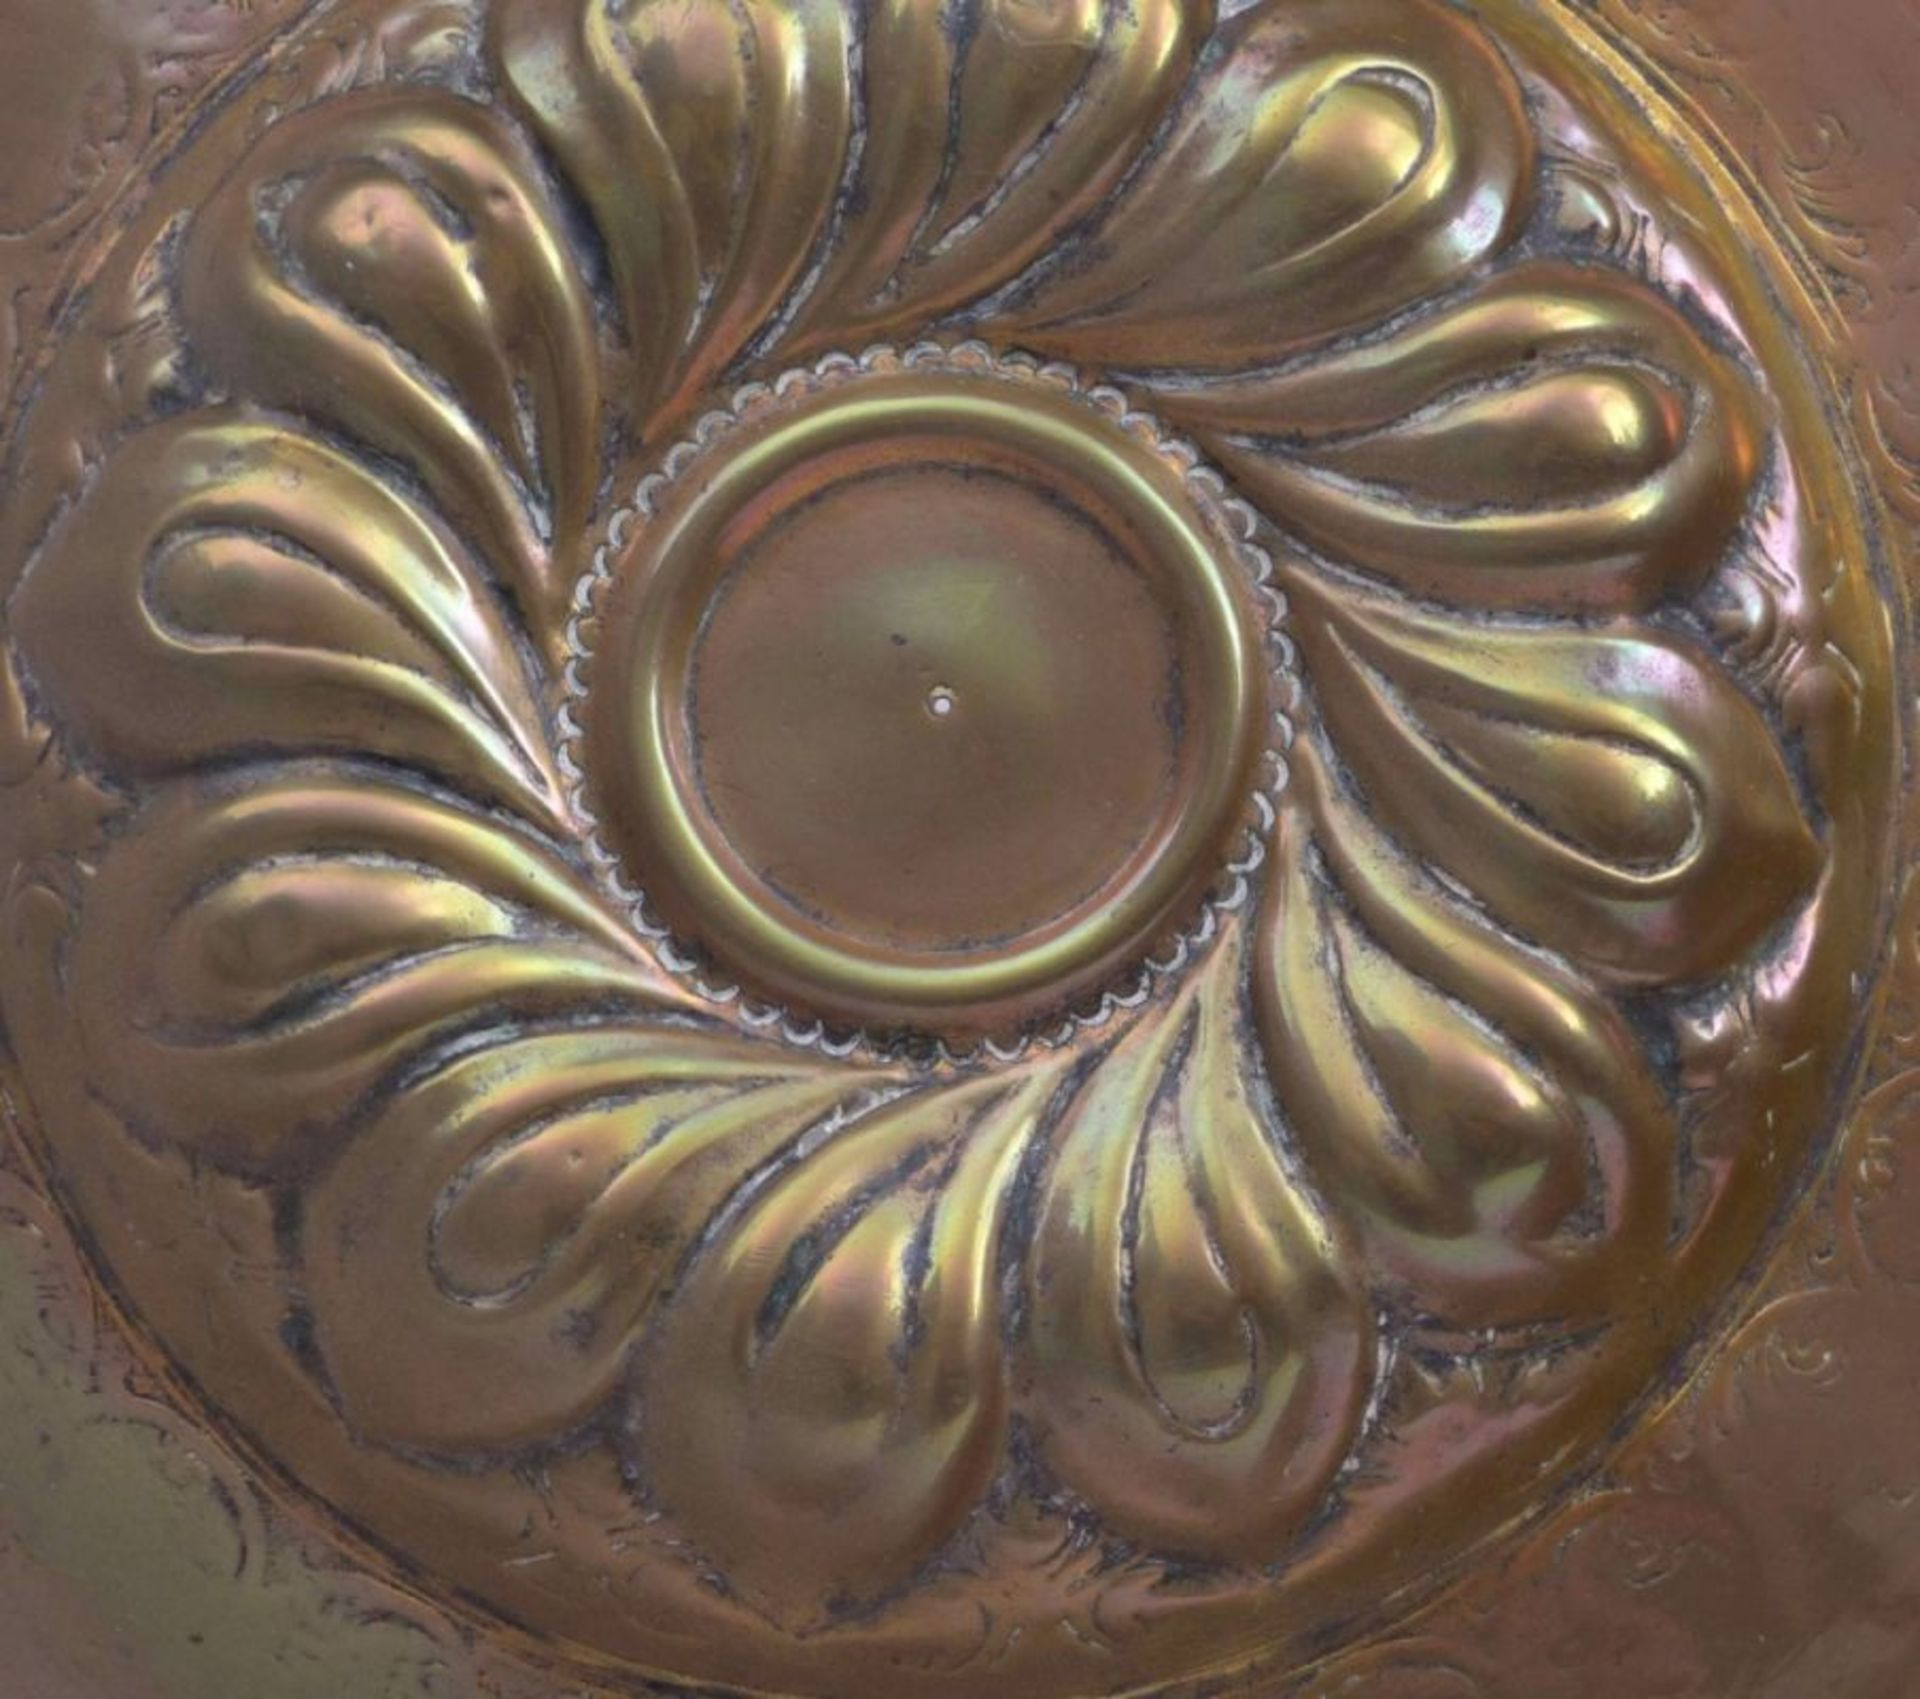 Beckenschlägerschüssel - Bild 3 aus 5